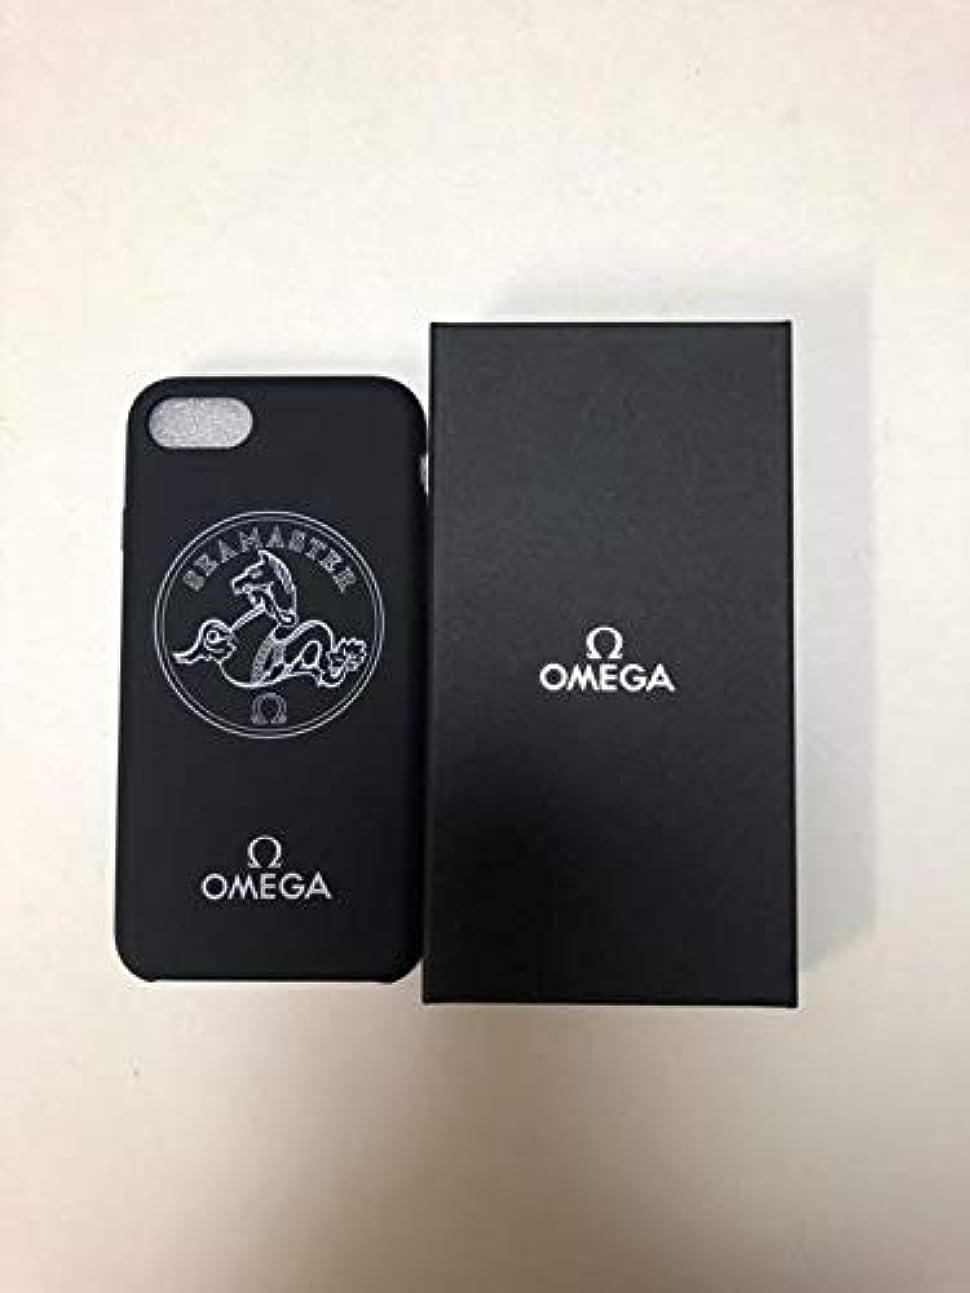 指定モンゴメリー倒錯OMEGA オメガ iPhone7 iPhone8 ケース ノベルティ